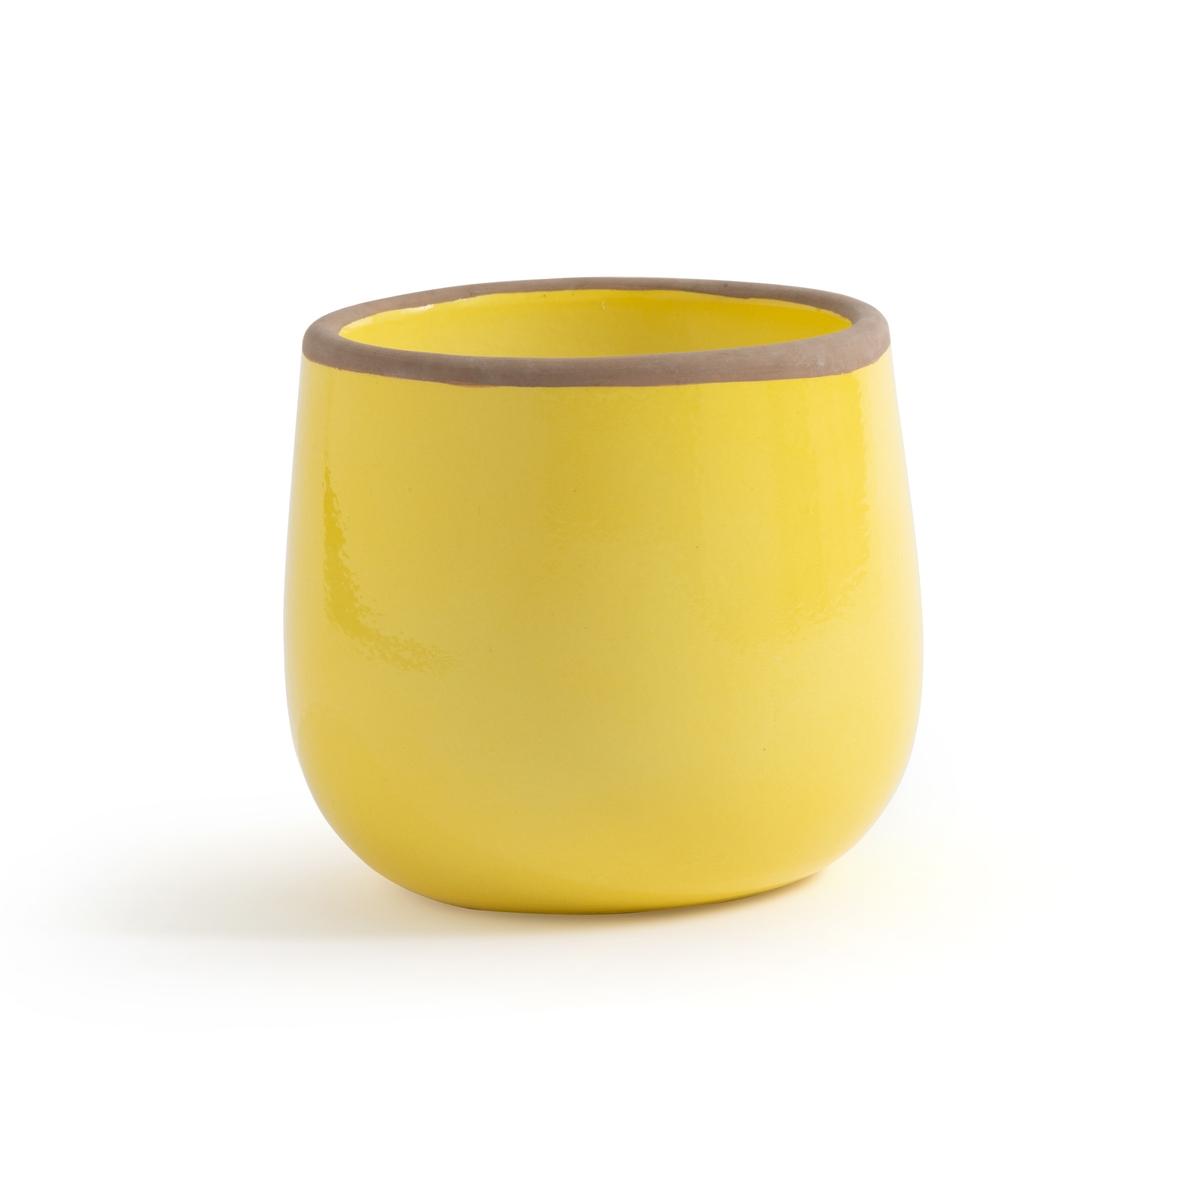 Кашпо La Redoute Из цветной керамики Mallow единый размер желтый кашпо la redoute из керамики в см euphyllia единый размер синий